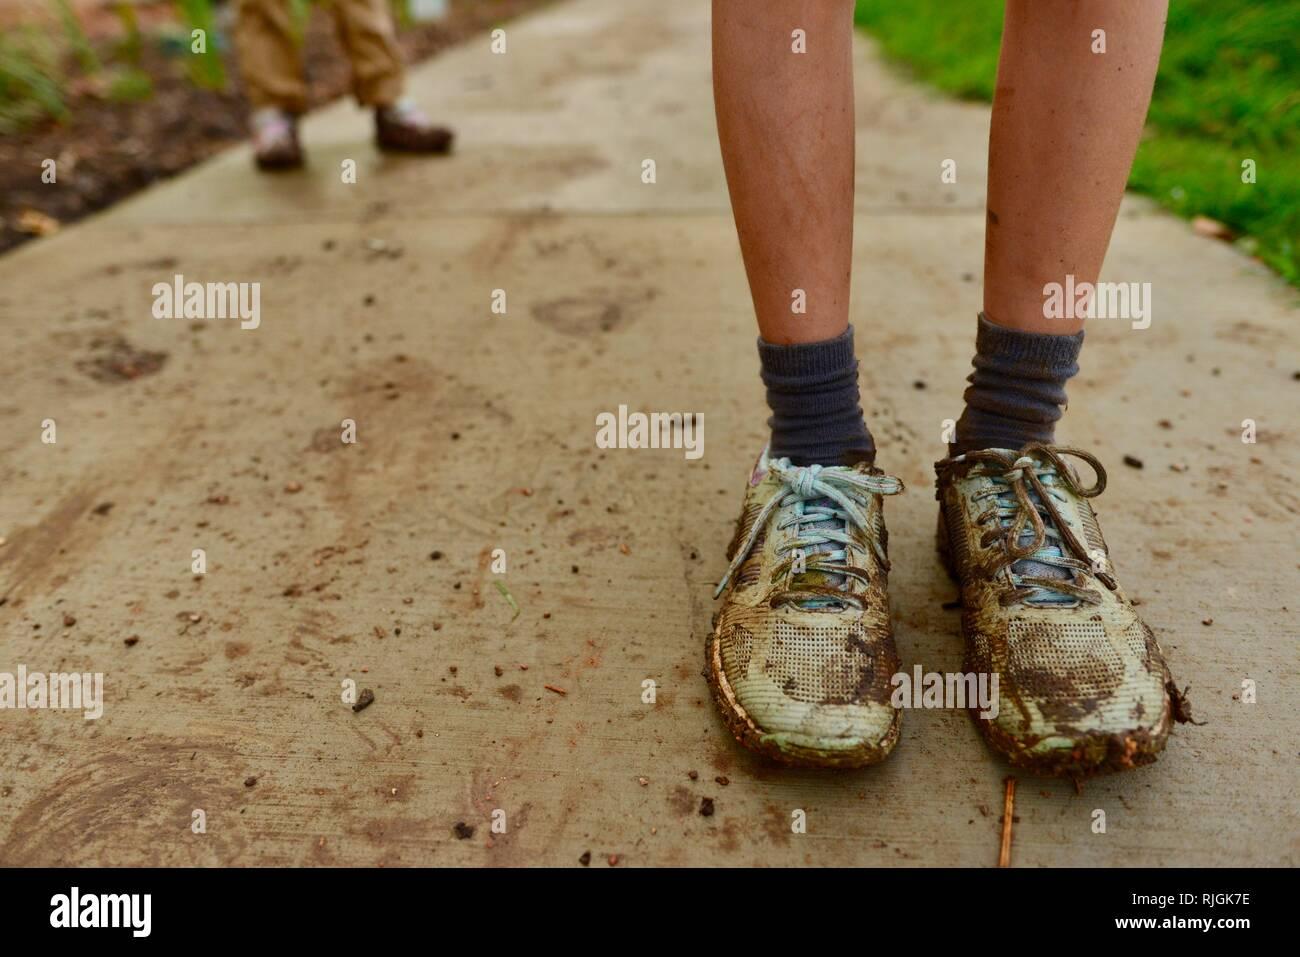 Schlammigen Schuhen auf junge Kinder im schulpflichtigen Alter nach einem Spaziergang entlang einem Feldweg, Moongun Wanderweg am Elliot Federn, Townsville, Queensland, Australien Stockfoto